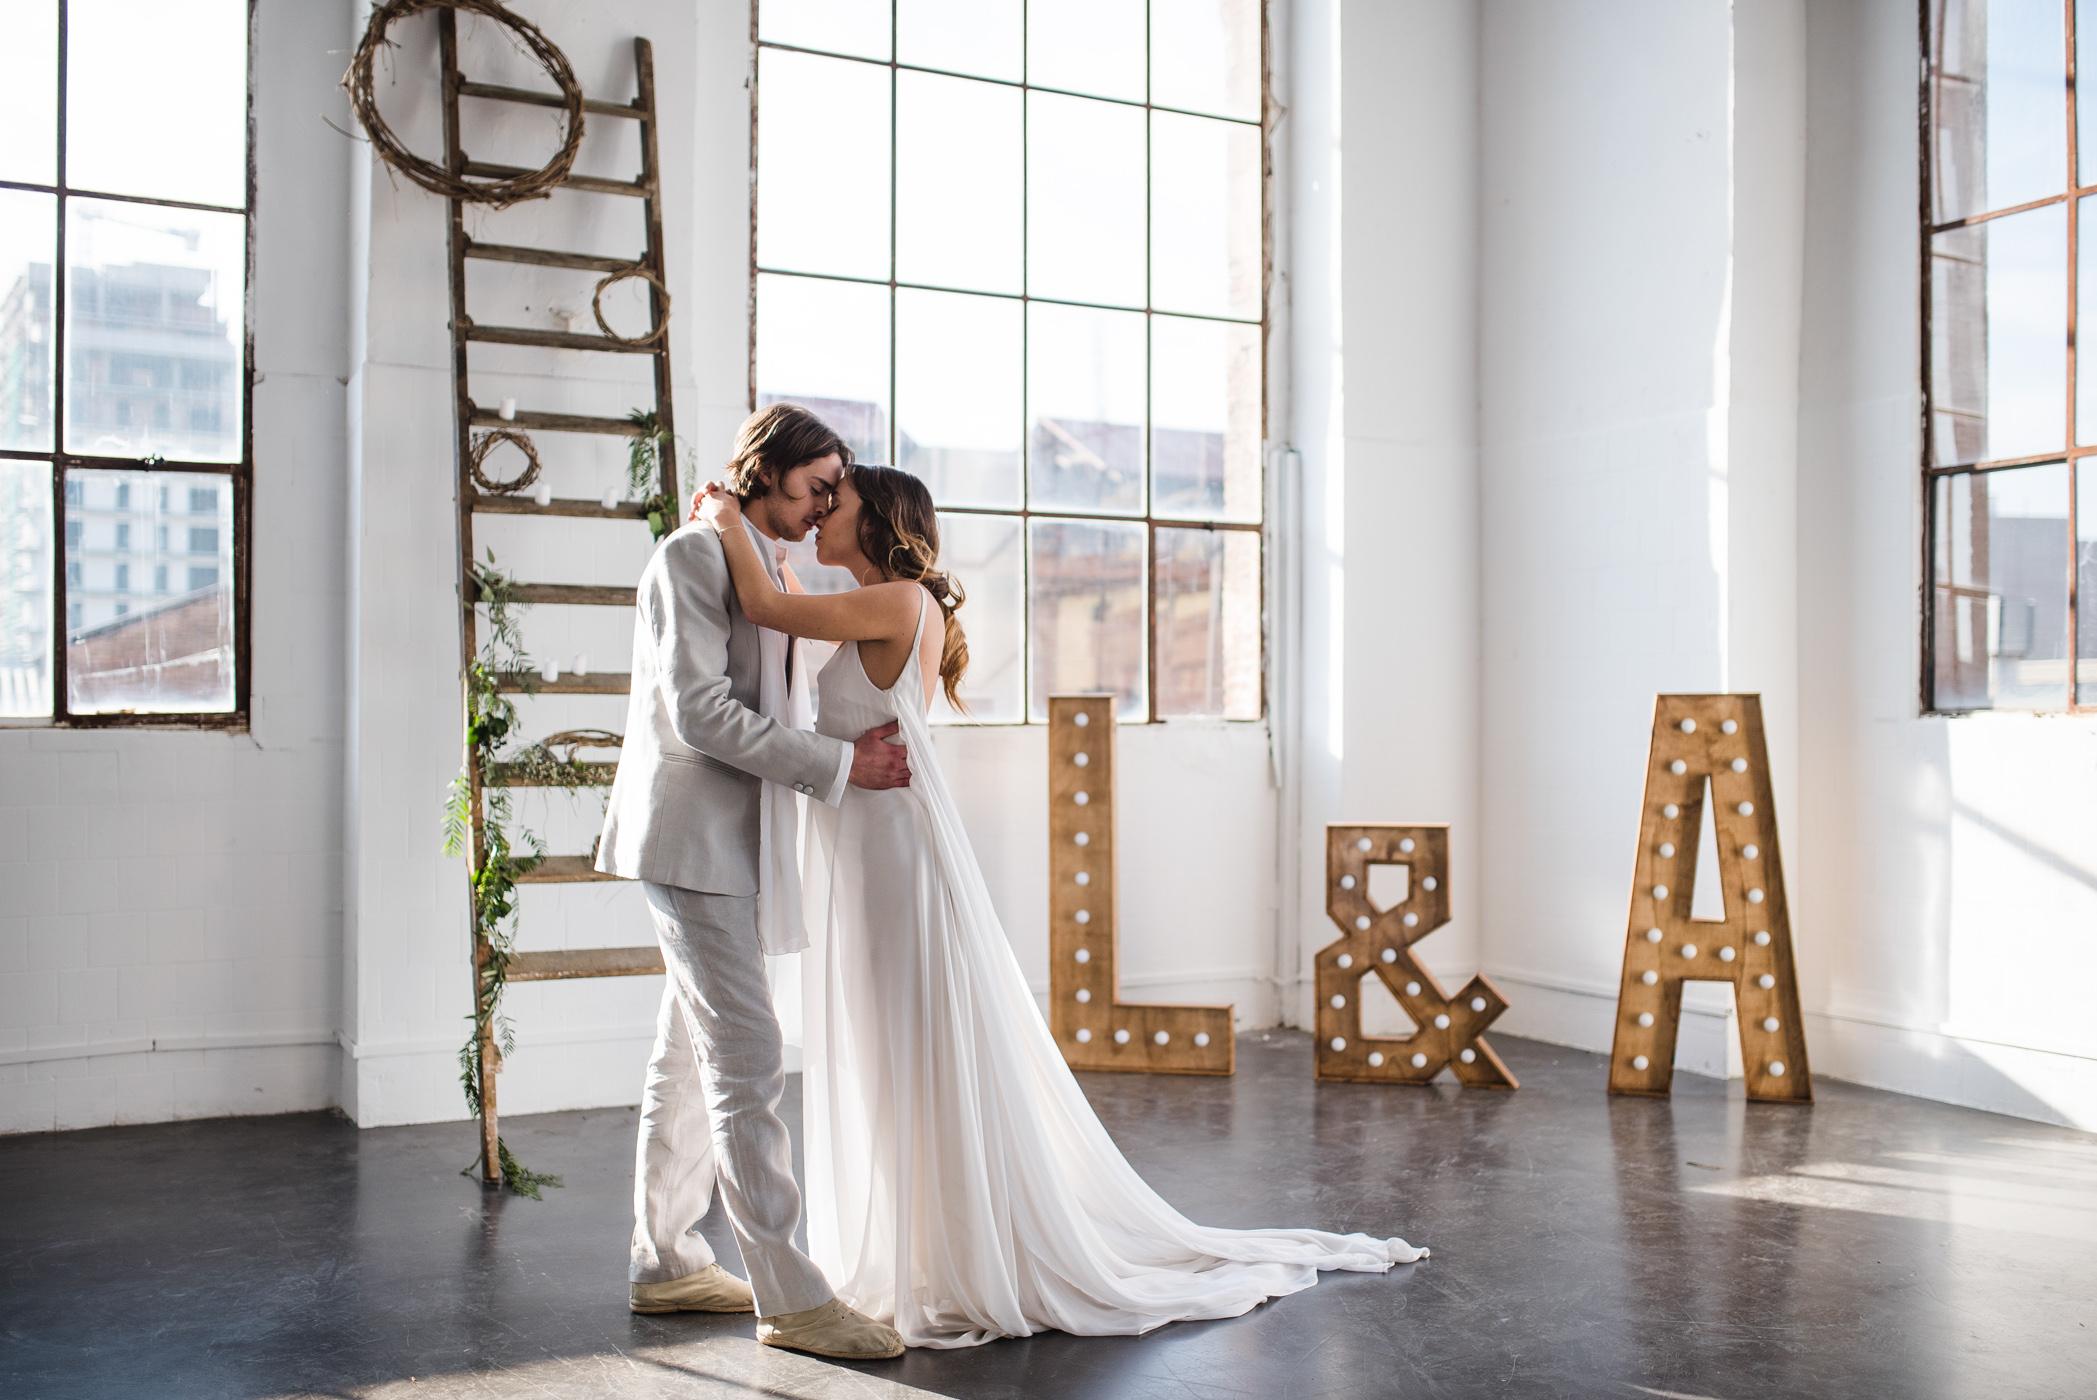 photo couple devant fenêtre lettres lumineuses mariage industriel